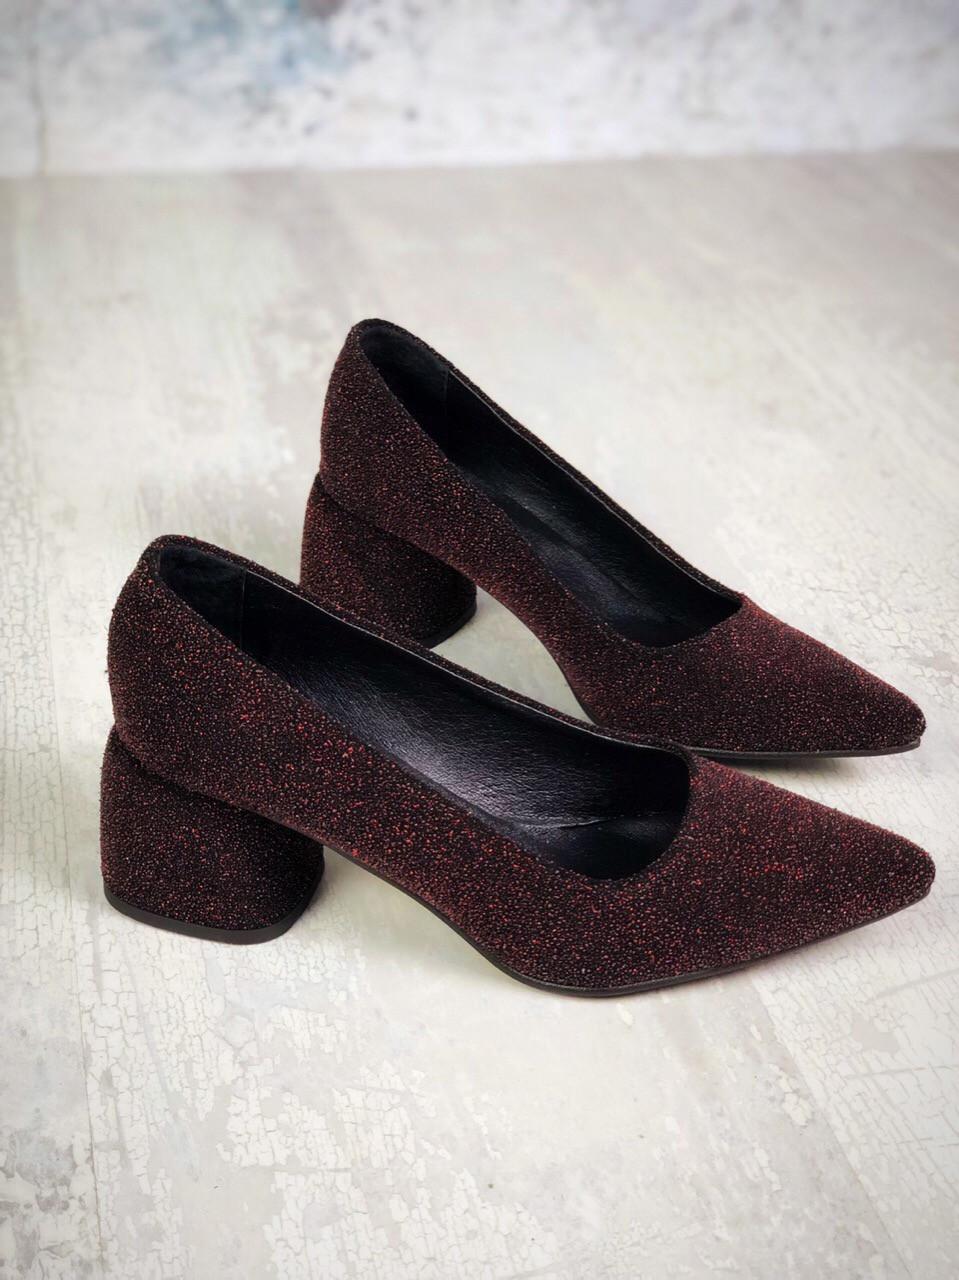 Шикарные замшевые туфли на каблучке 36-40 р бордо блеск